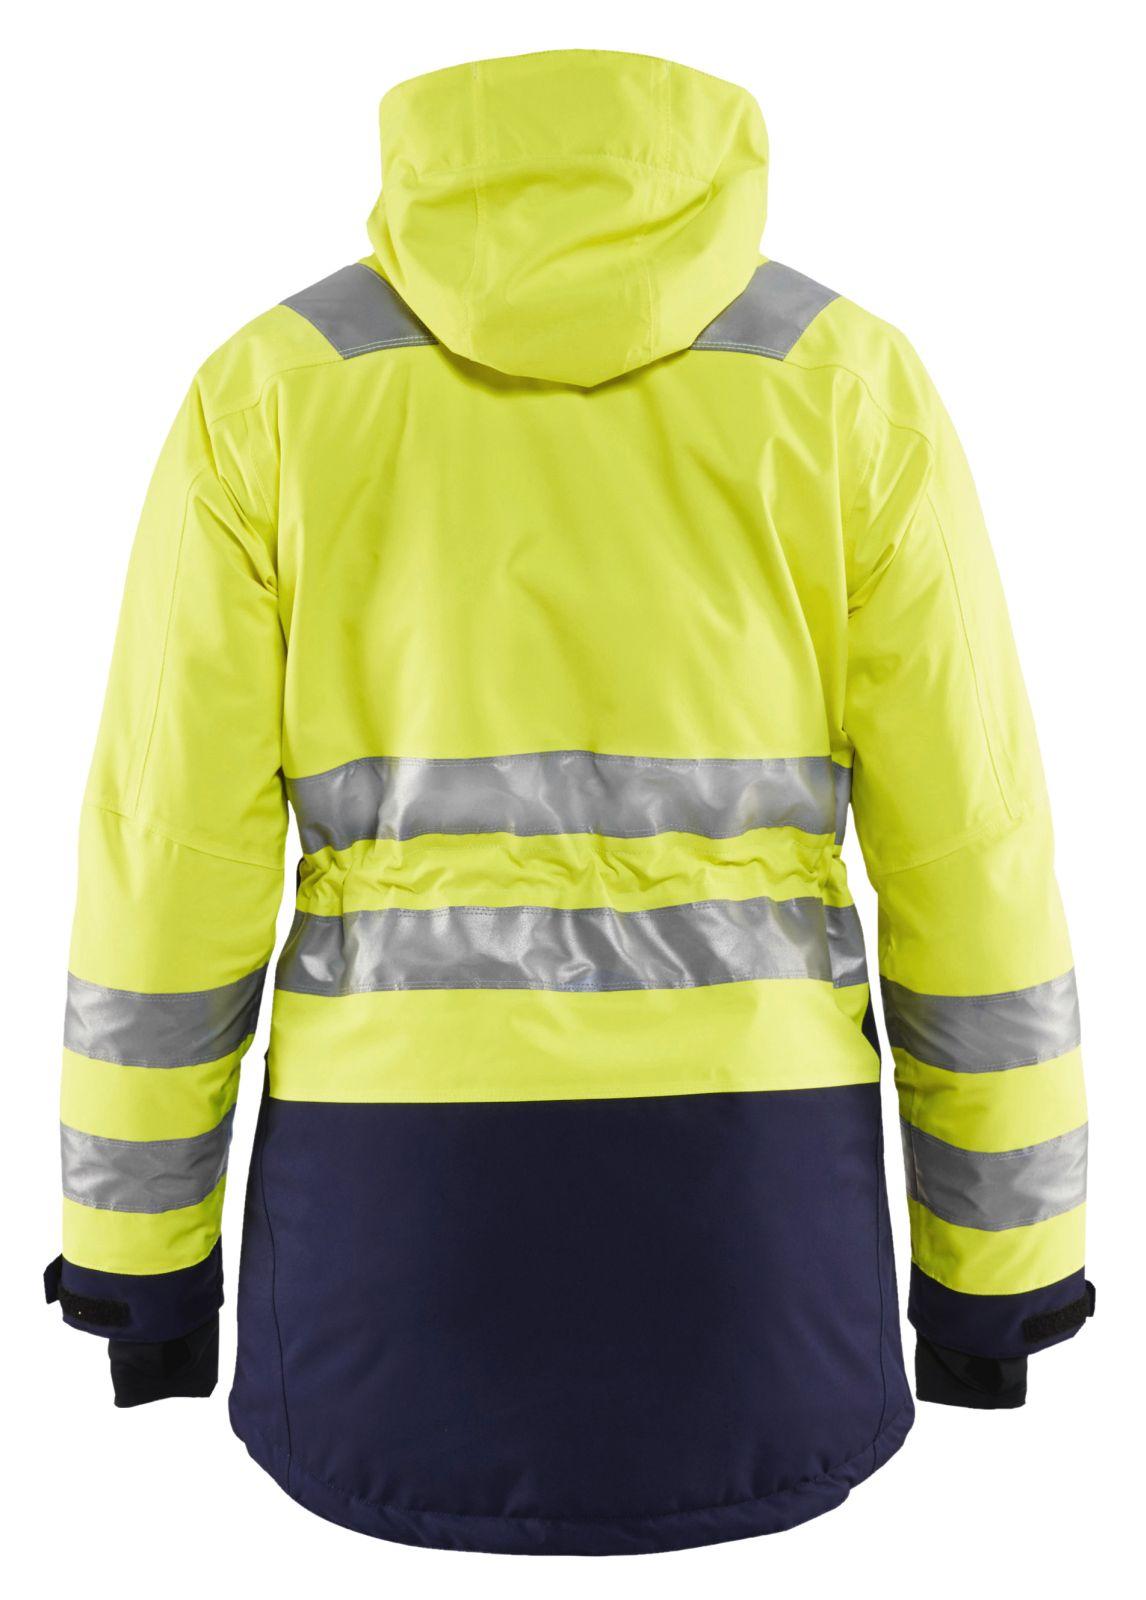 Blaklader Dames winterparka 44721987 High Vis fluo geel-marineblauw(3389)